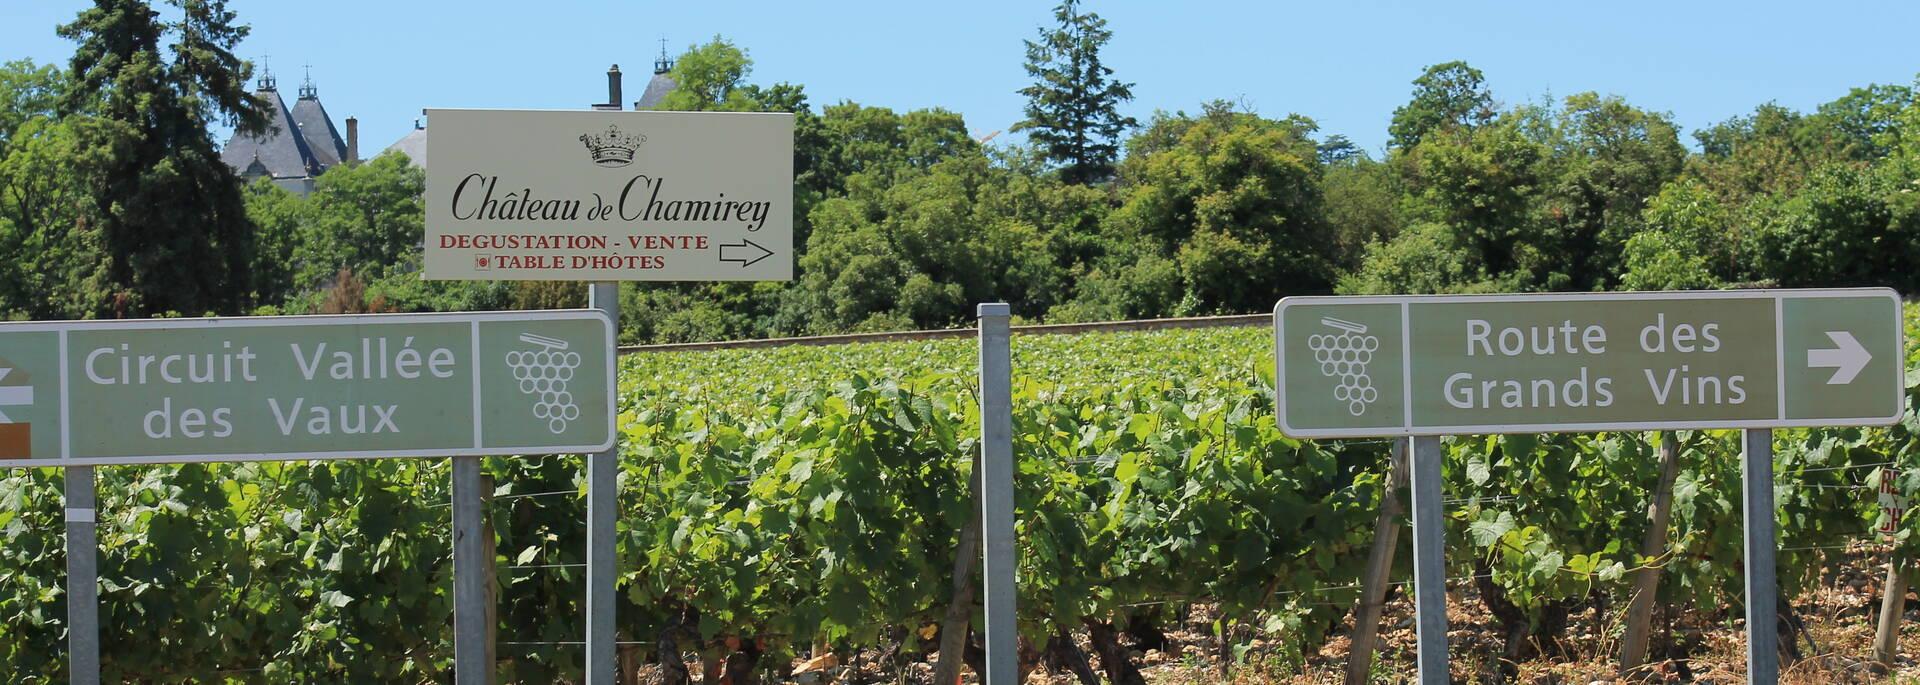 Route des Vins de la Côte Chalonnaise